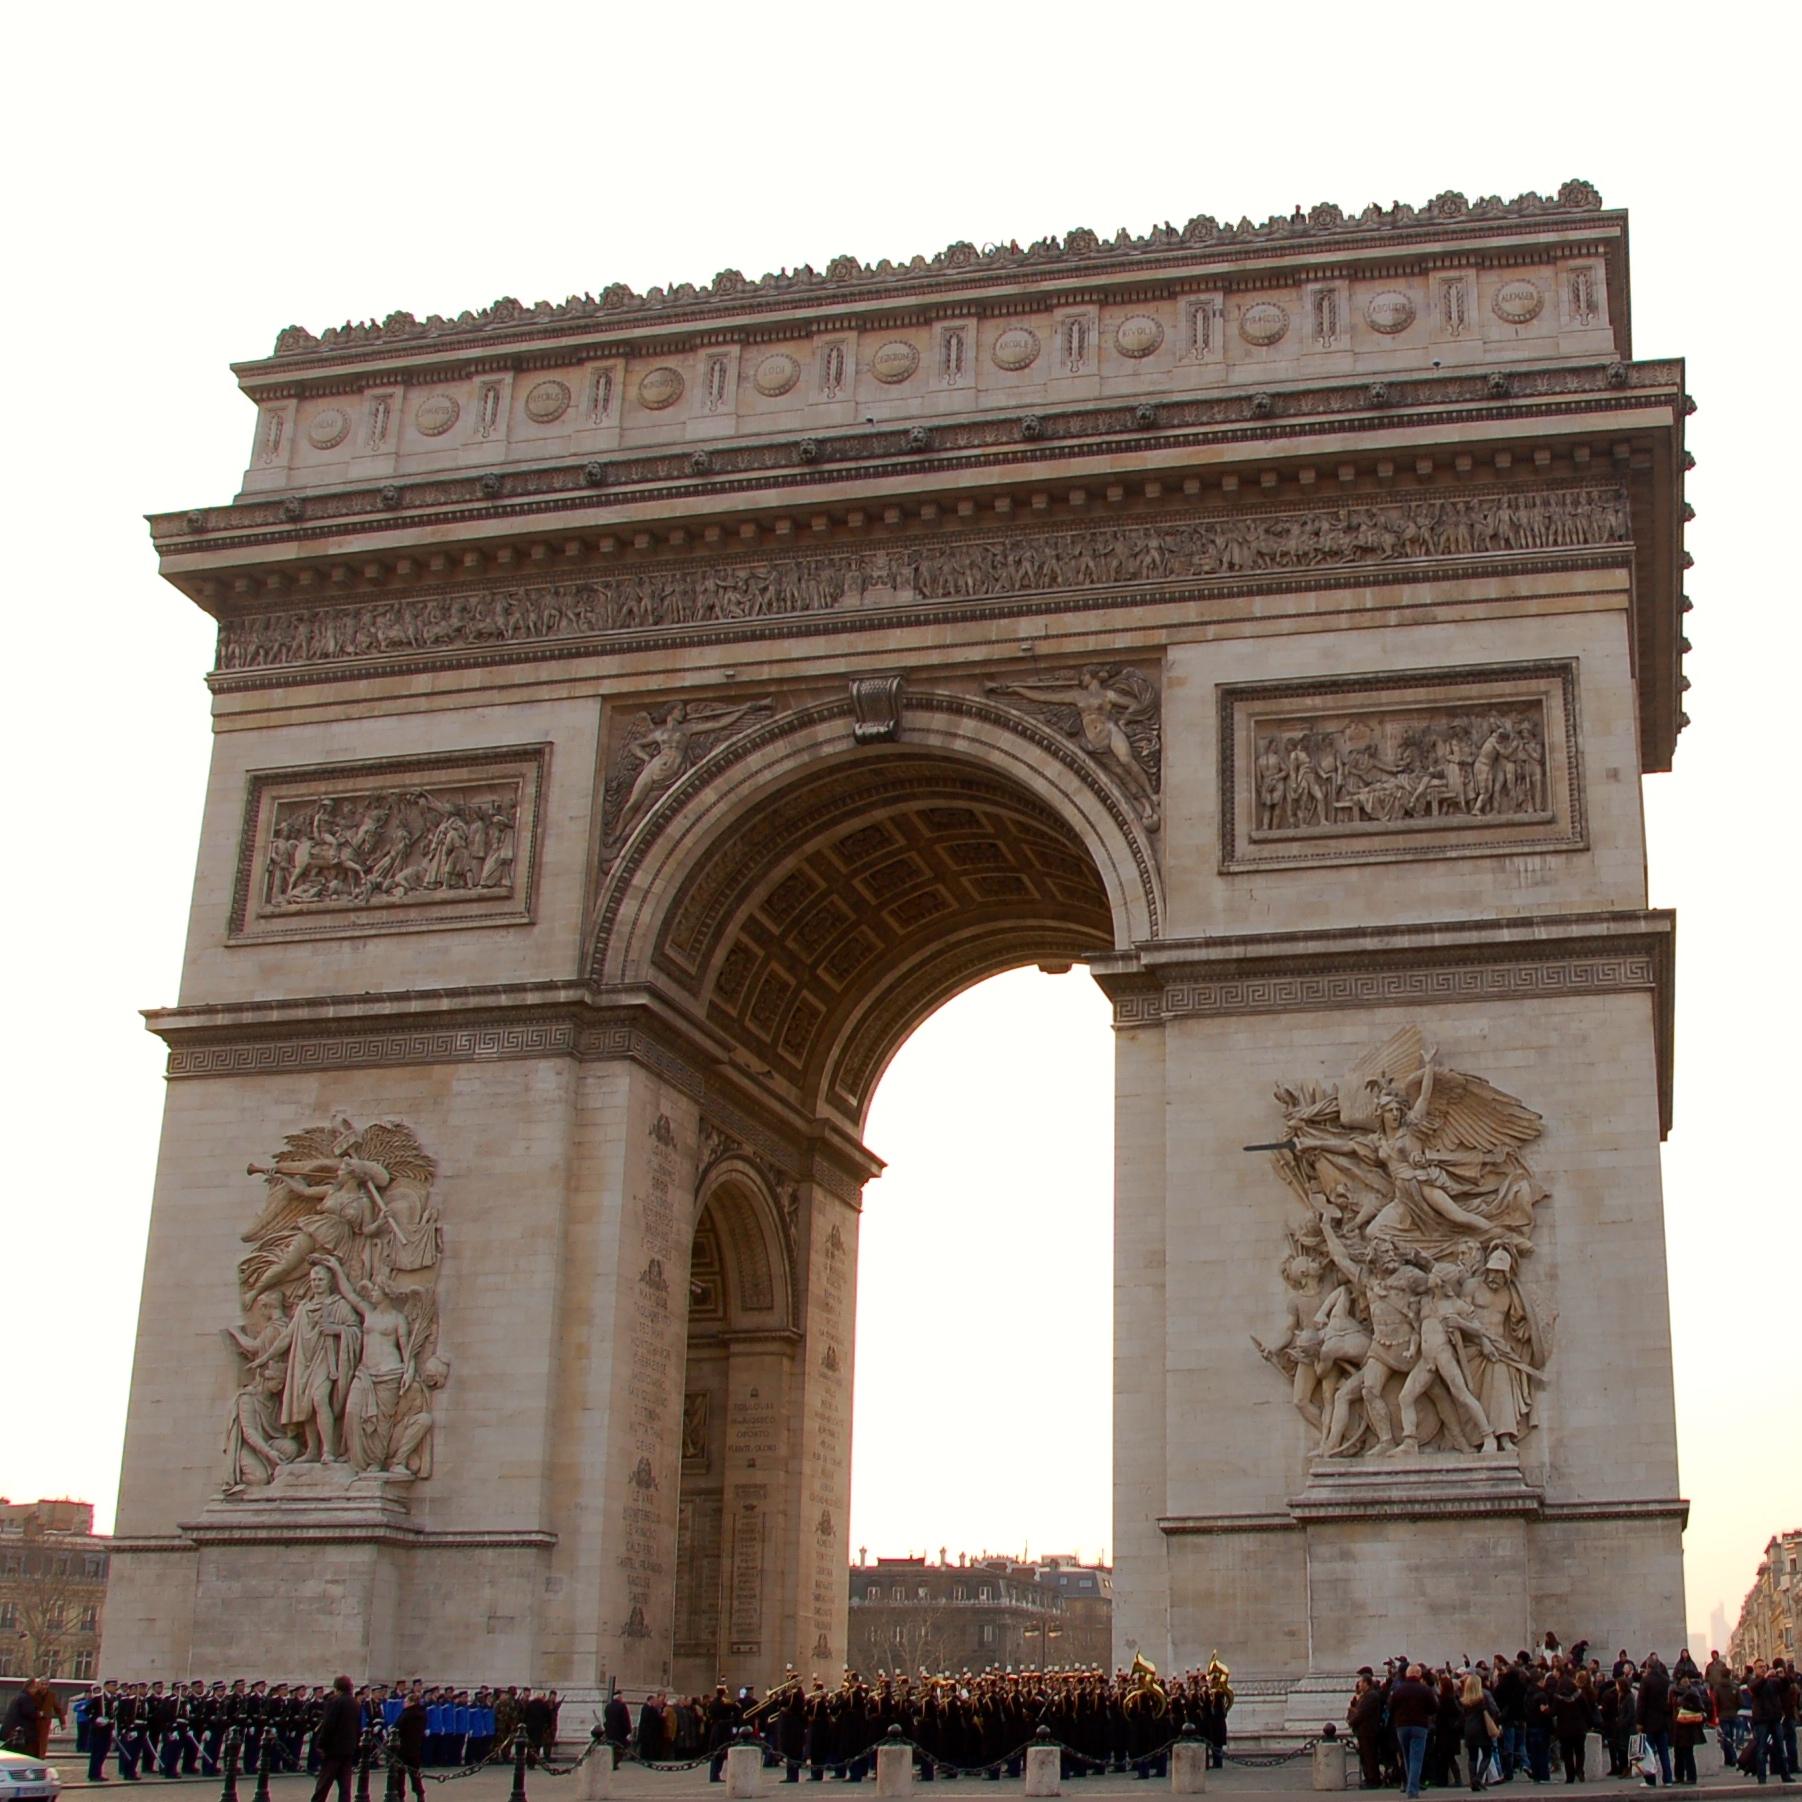 Arrival to Paris.